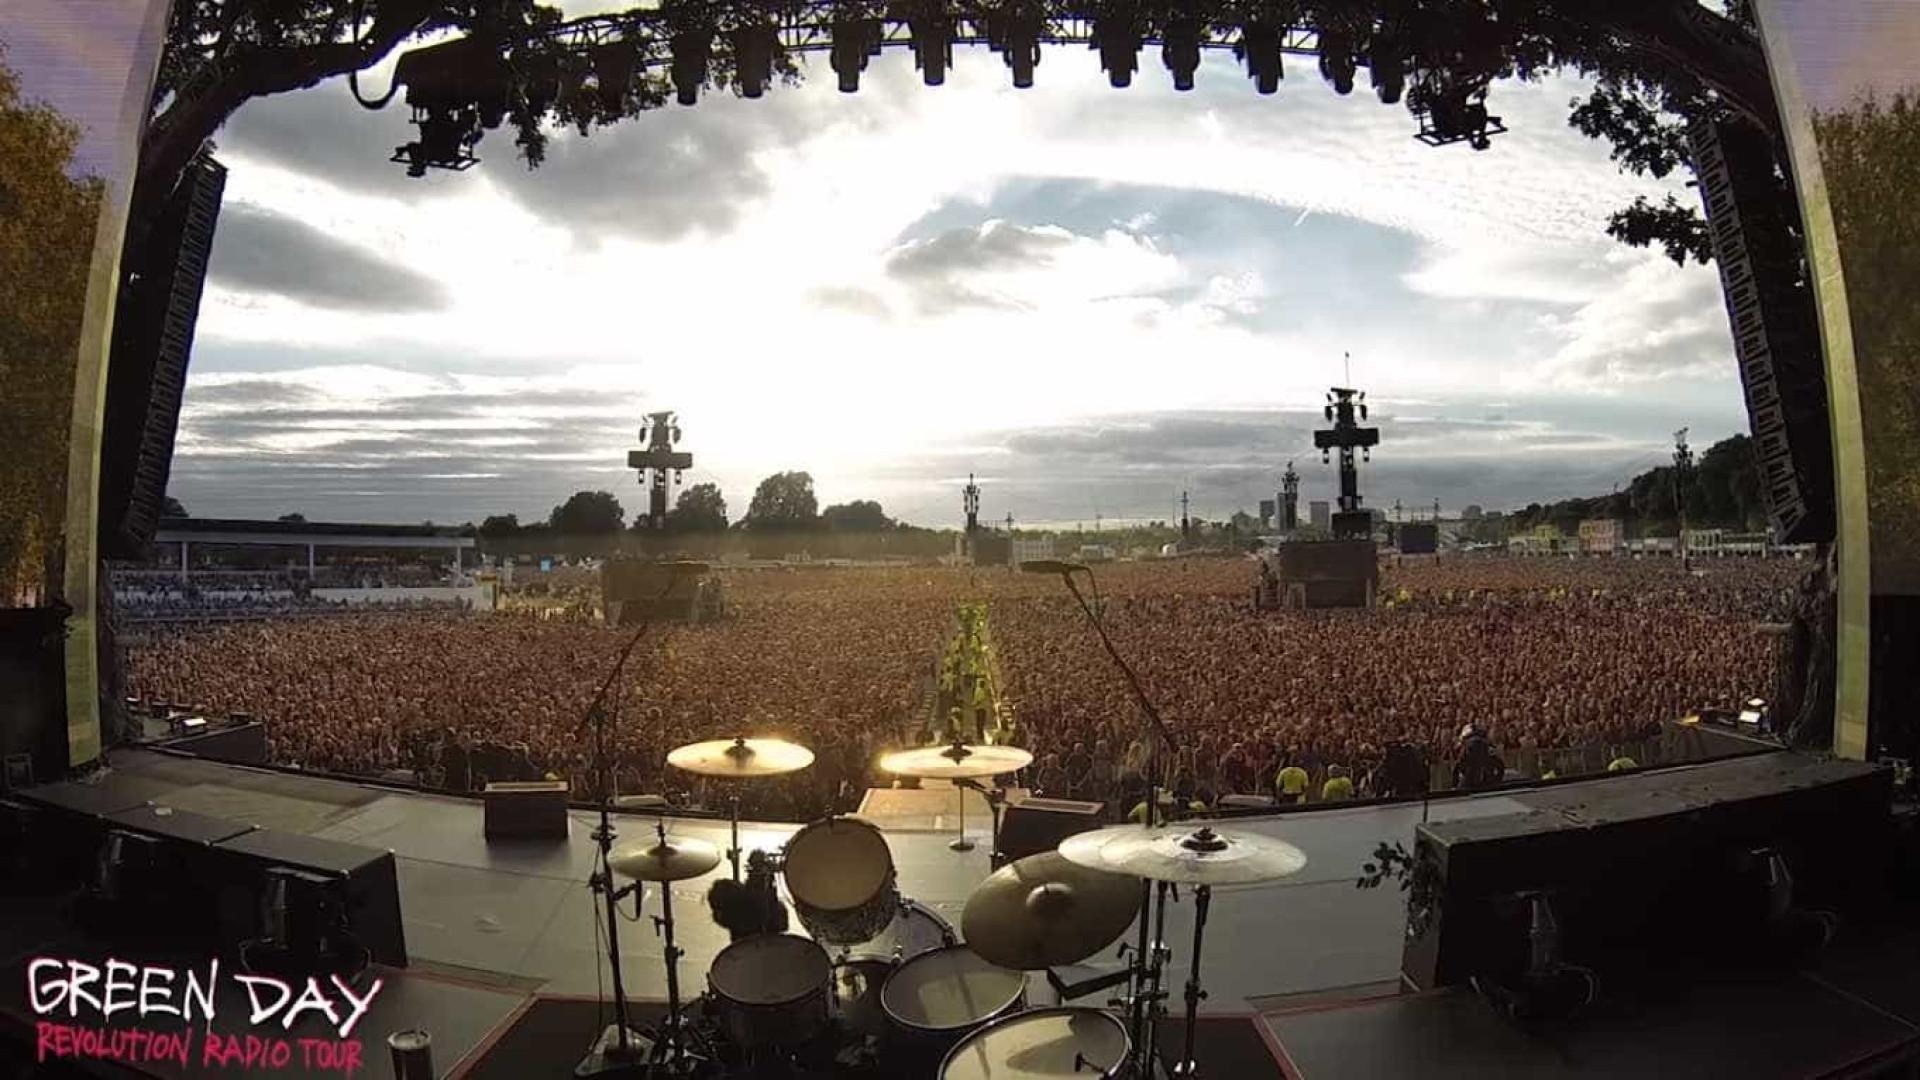 Concerto era dos Green Day, mas milhares cantaram música dos Queen